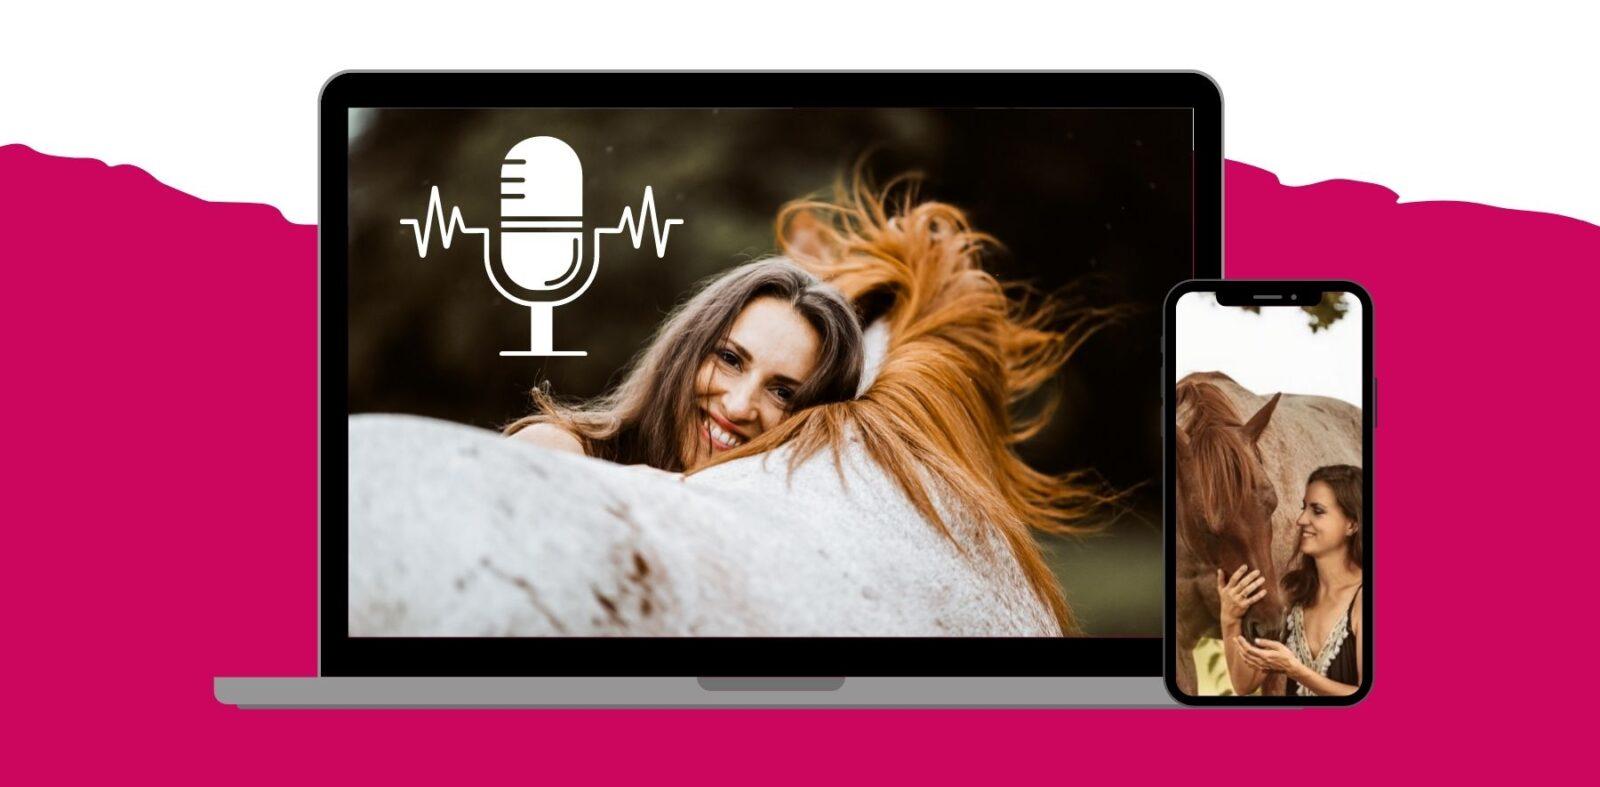 LOVE - Kurs-pic Audio Campus